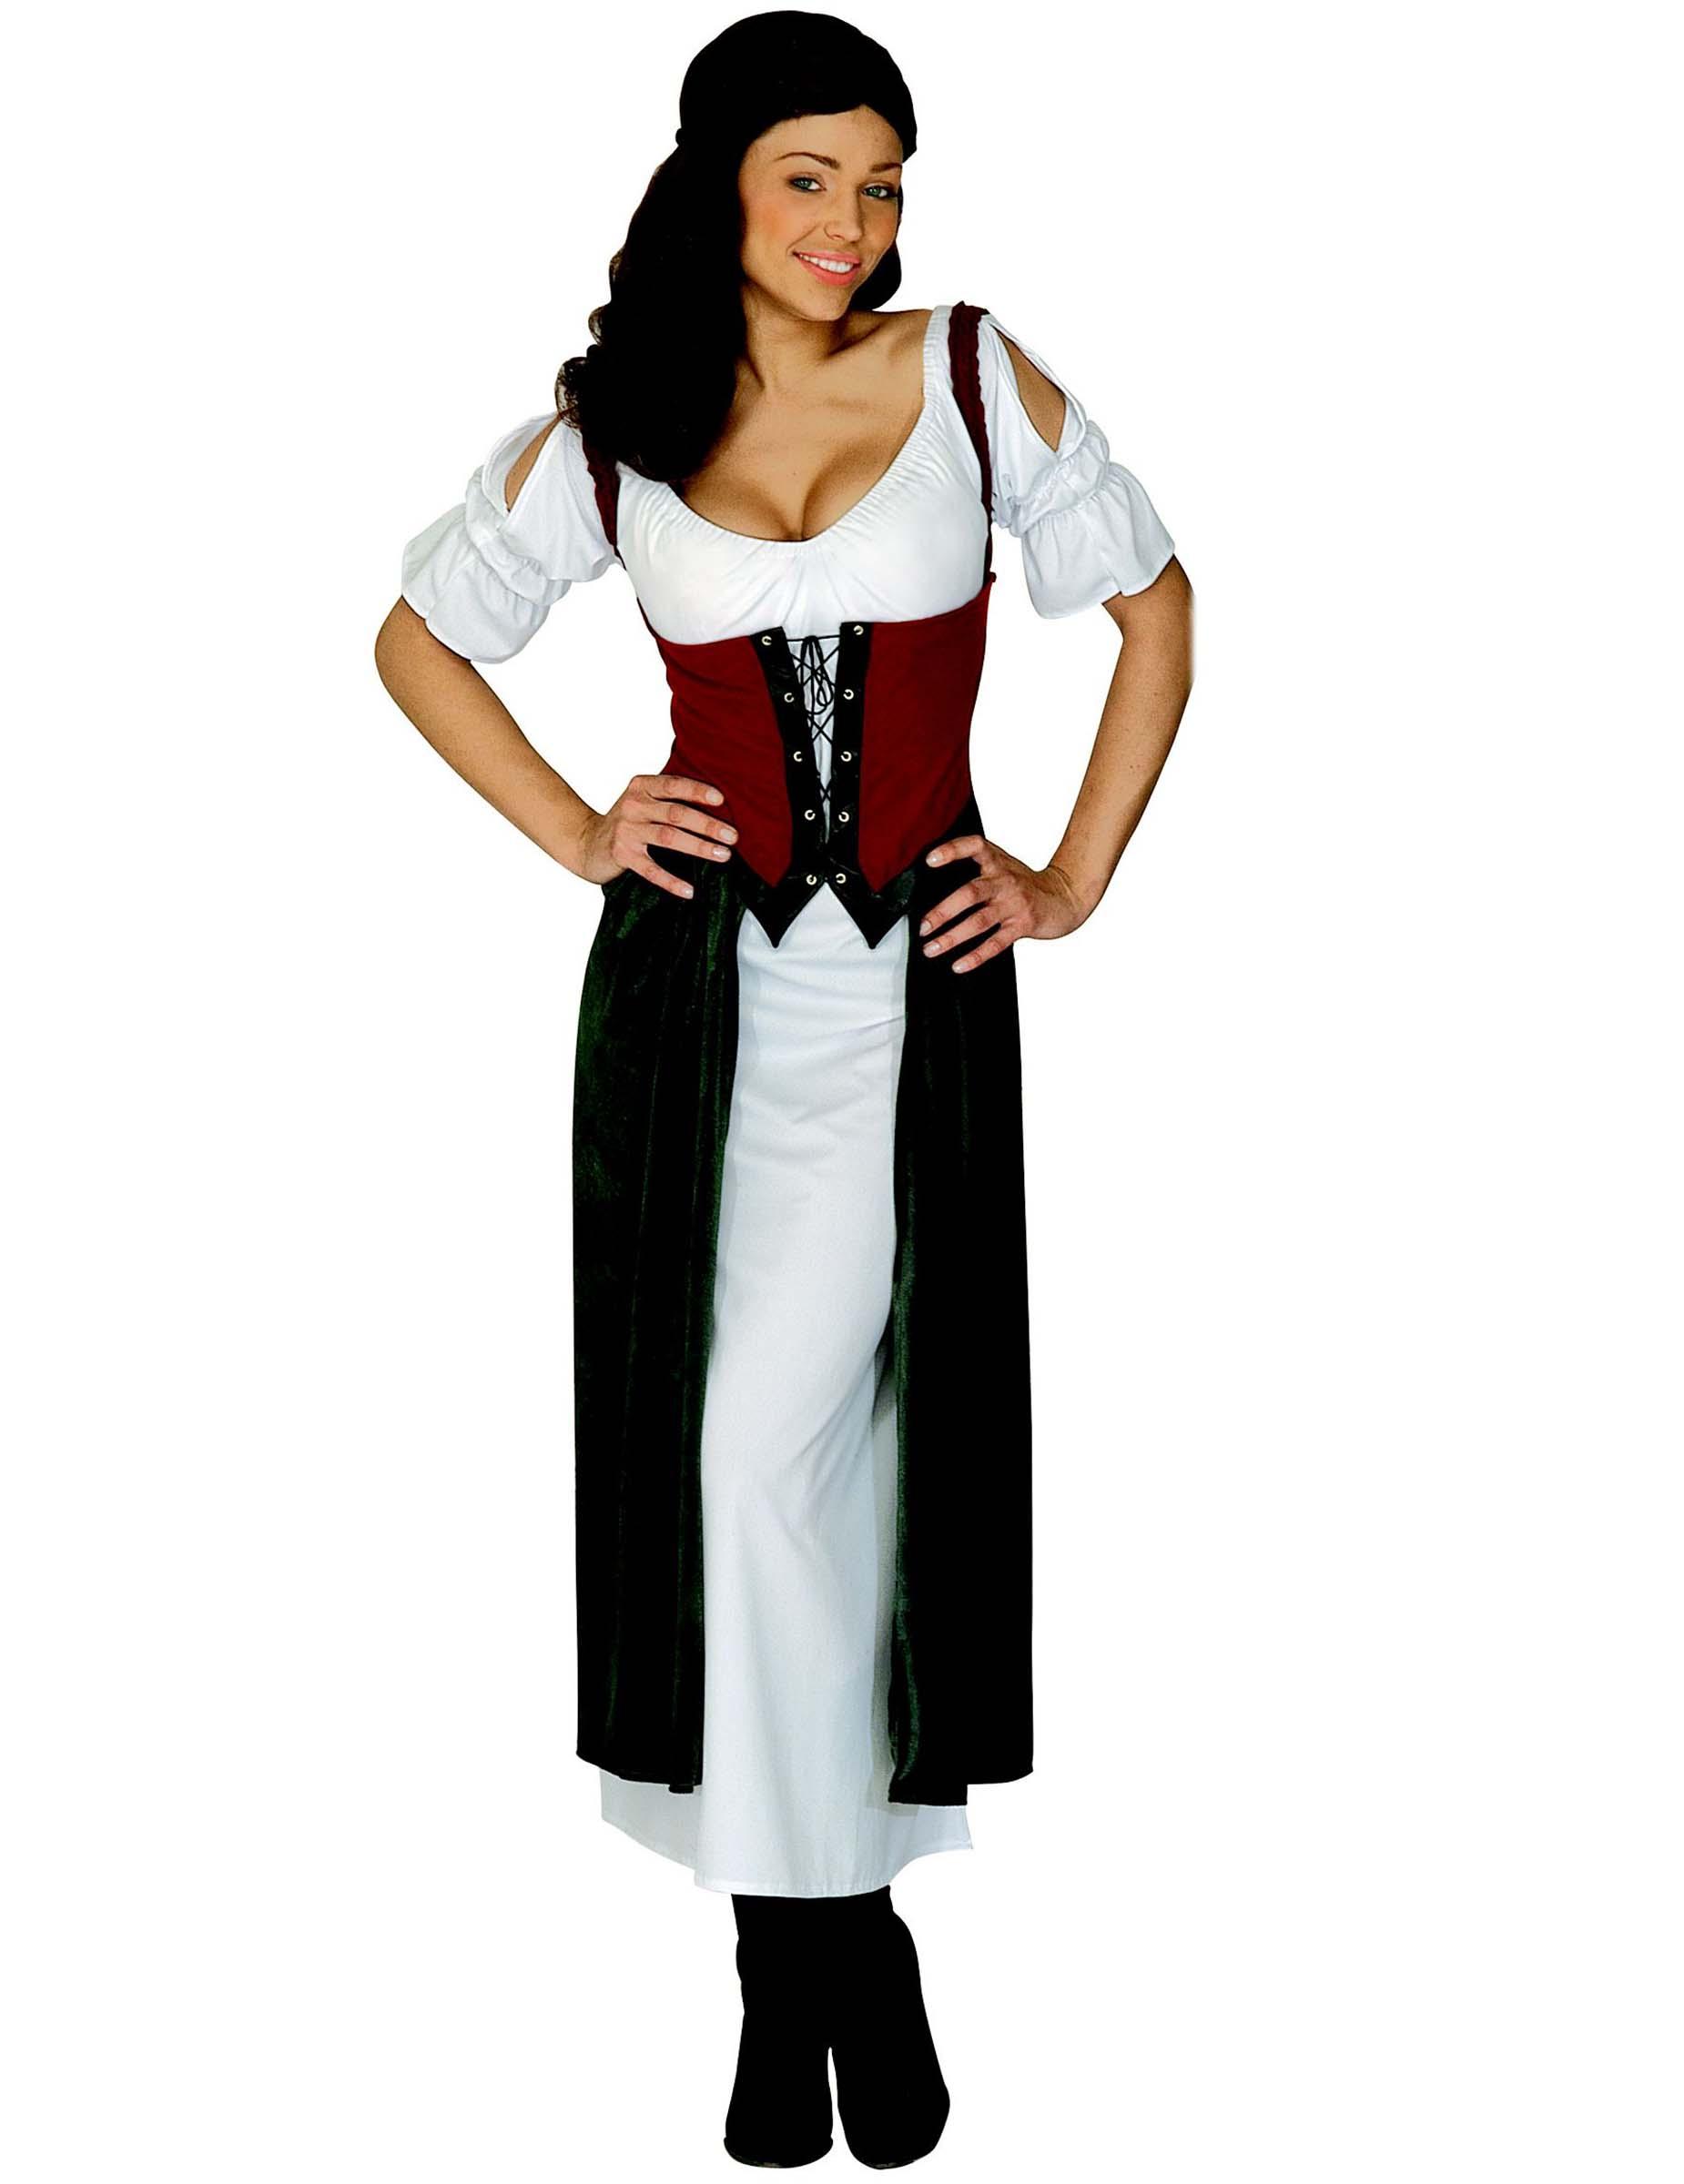 Costume Contadino Donna Costumi Adultie Vestiti Di Carnevale